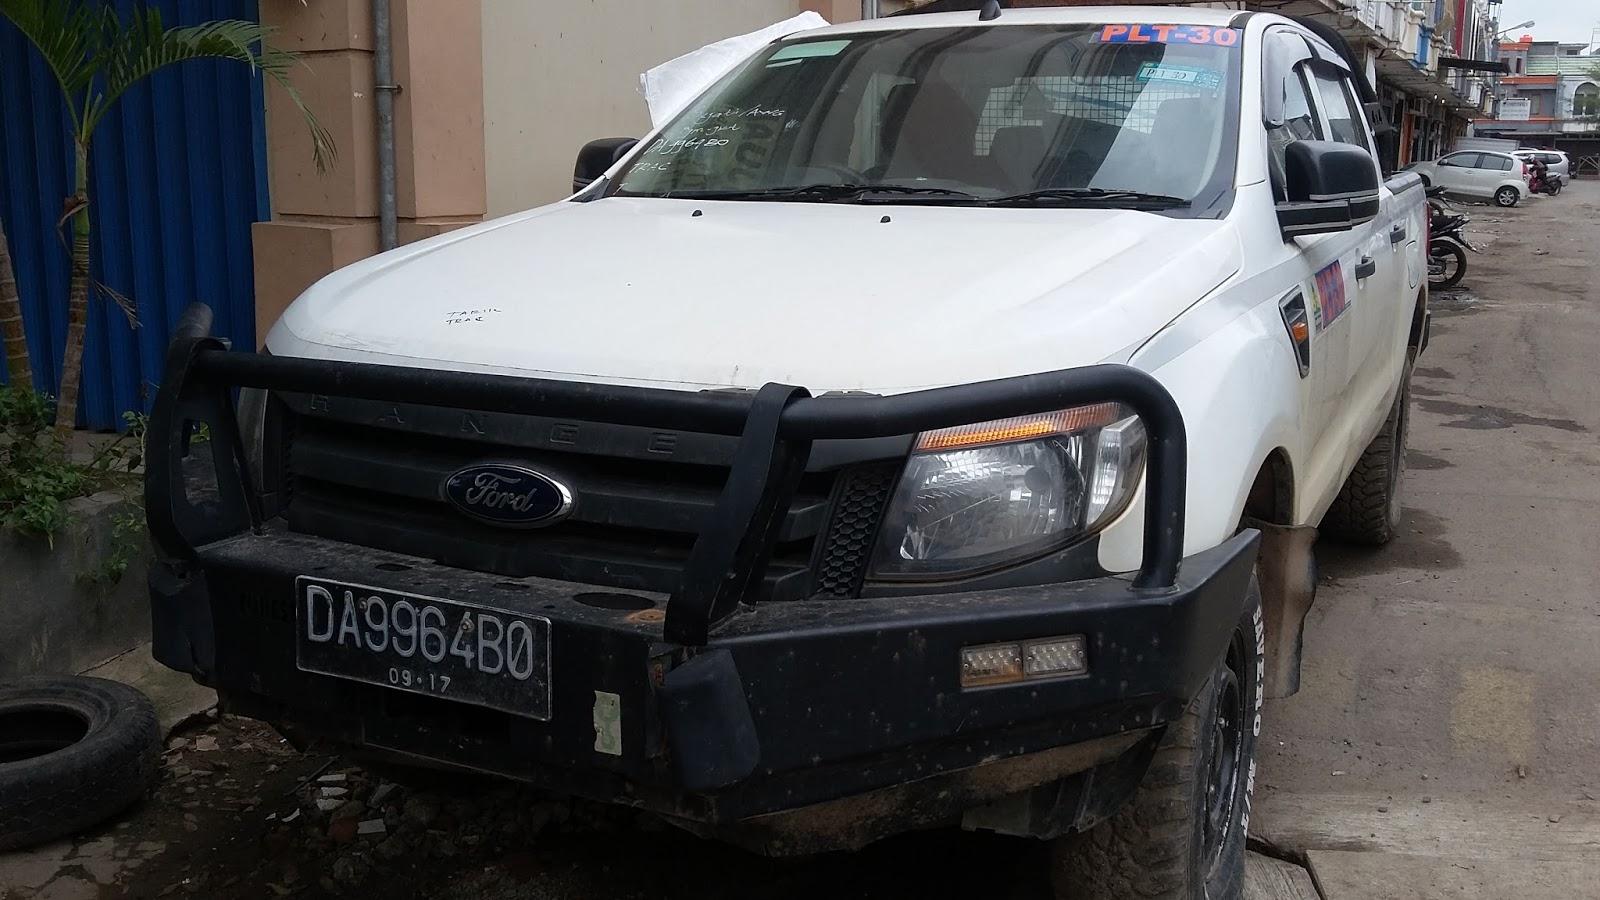 Sebagai pionir double cabin di indonesia tak salah jika para pembaca majalah otomotif tersebut memilih ford ranger di indonesia sendiri ford ranger telah